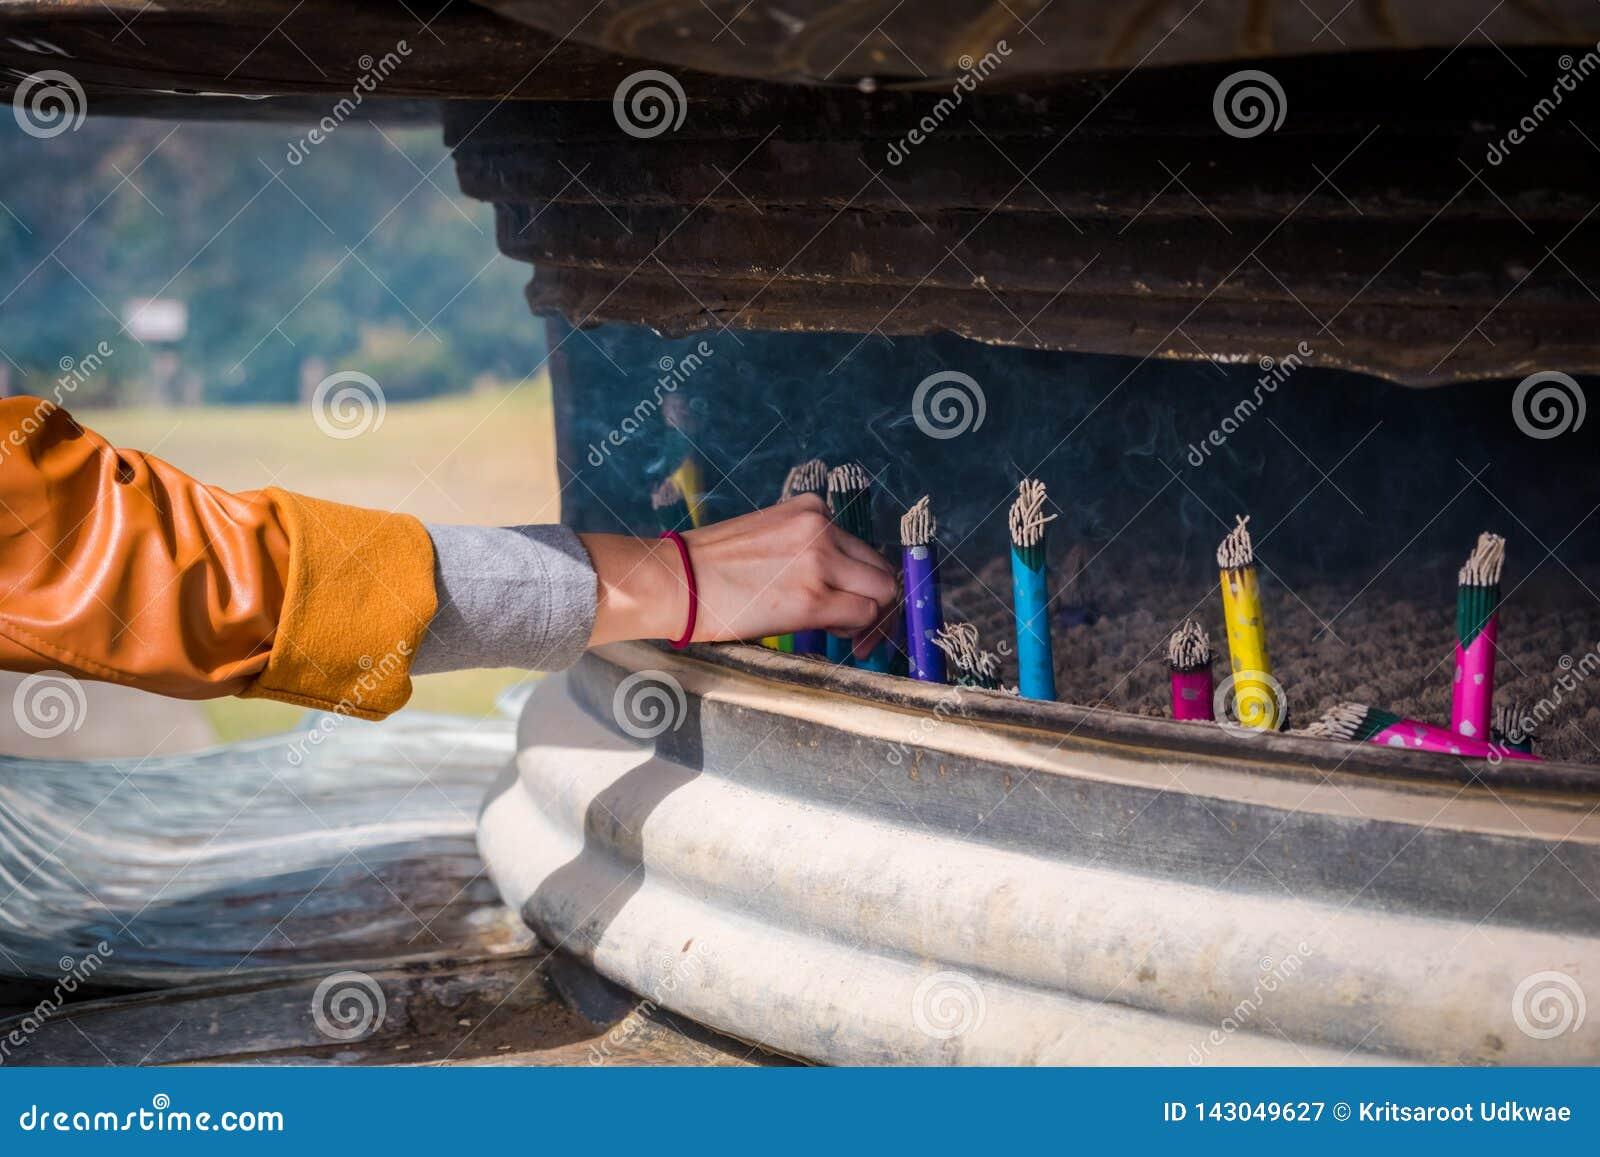 Varas japonesas do incenso no queimador de incenso